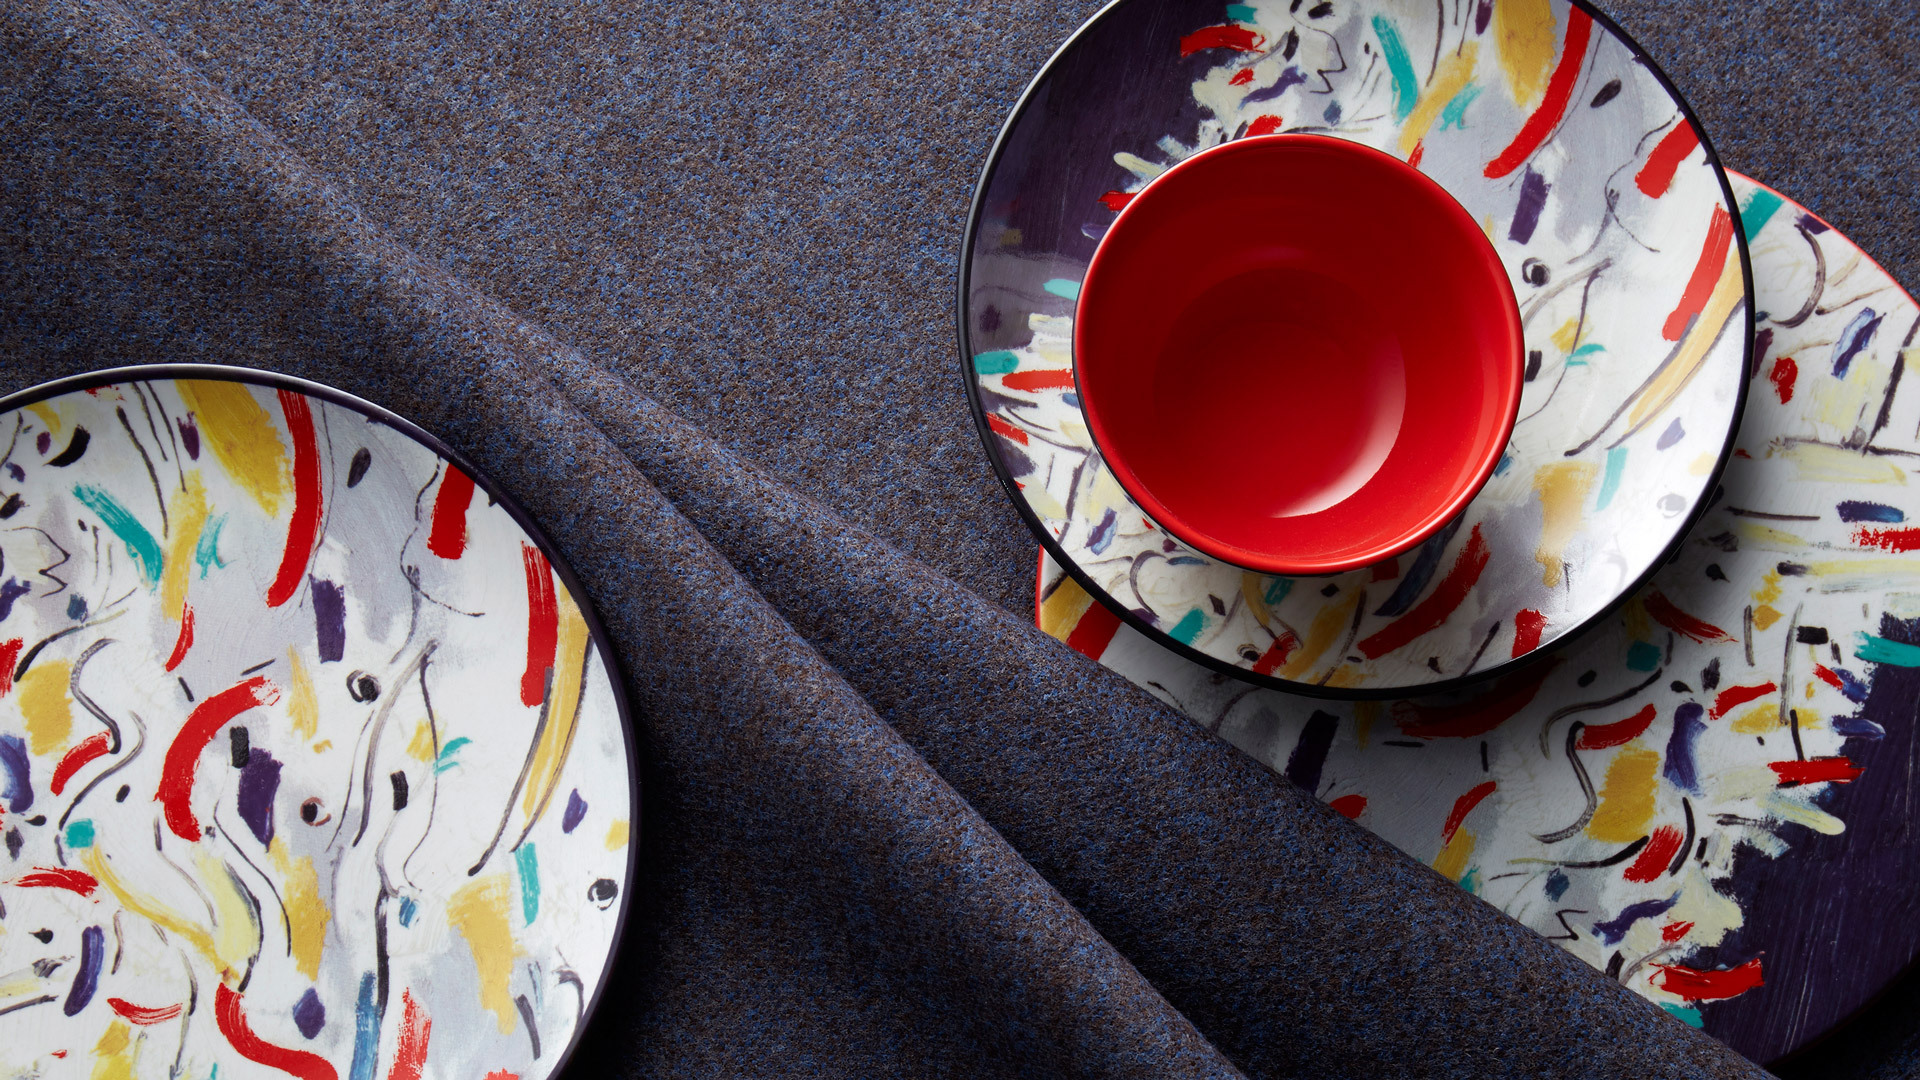 1300℃高温烤制强化瓷烧制,考究的现代陶瓷工艺把隽永意境揉入生活。